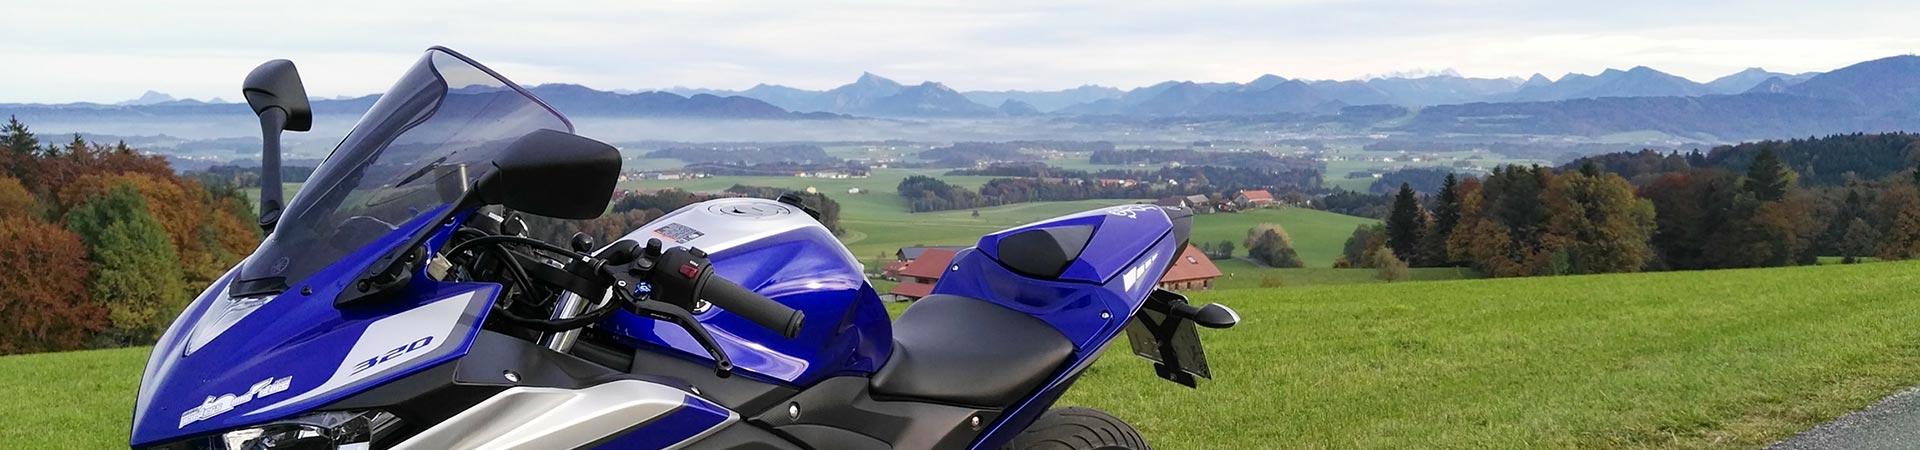 Yamaha-YZF-R3-Titel_28-02-2017_12bcb